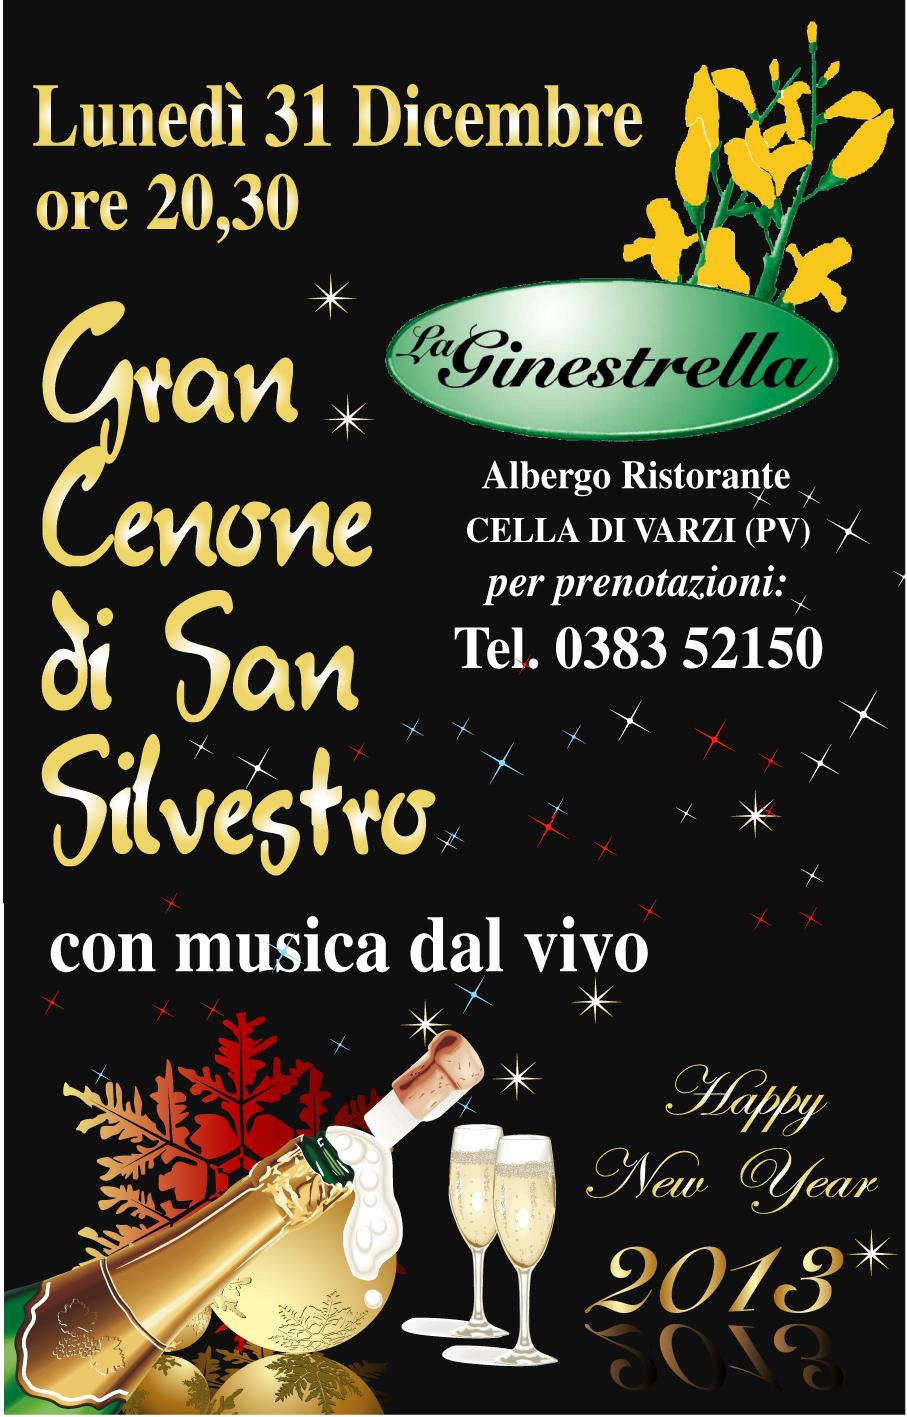 La Ginestrella - Capodanno 2012-2013